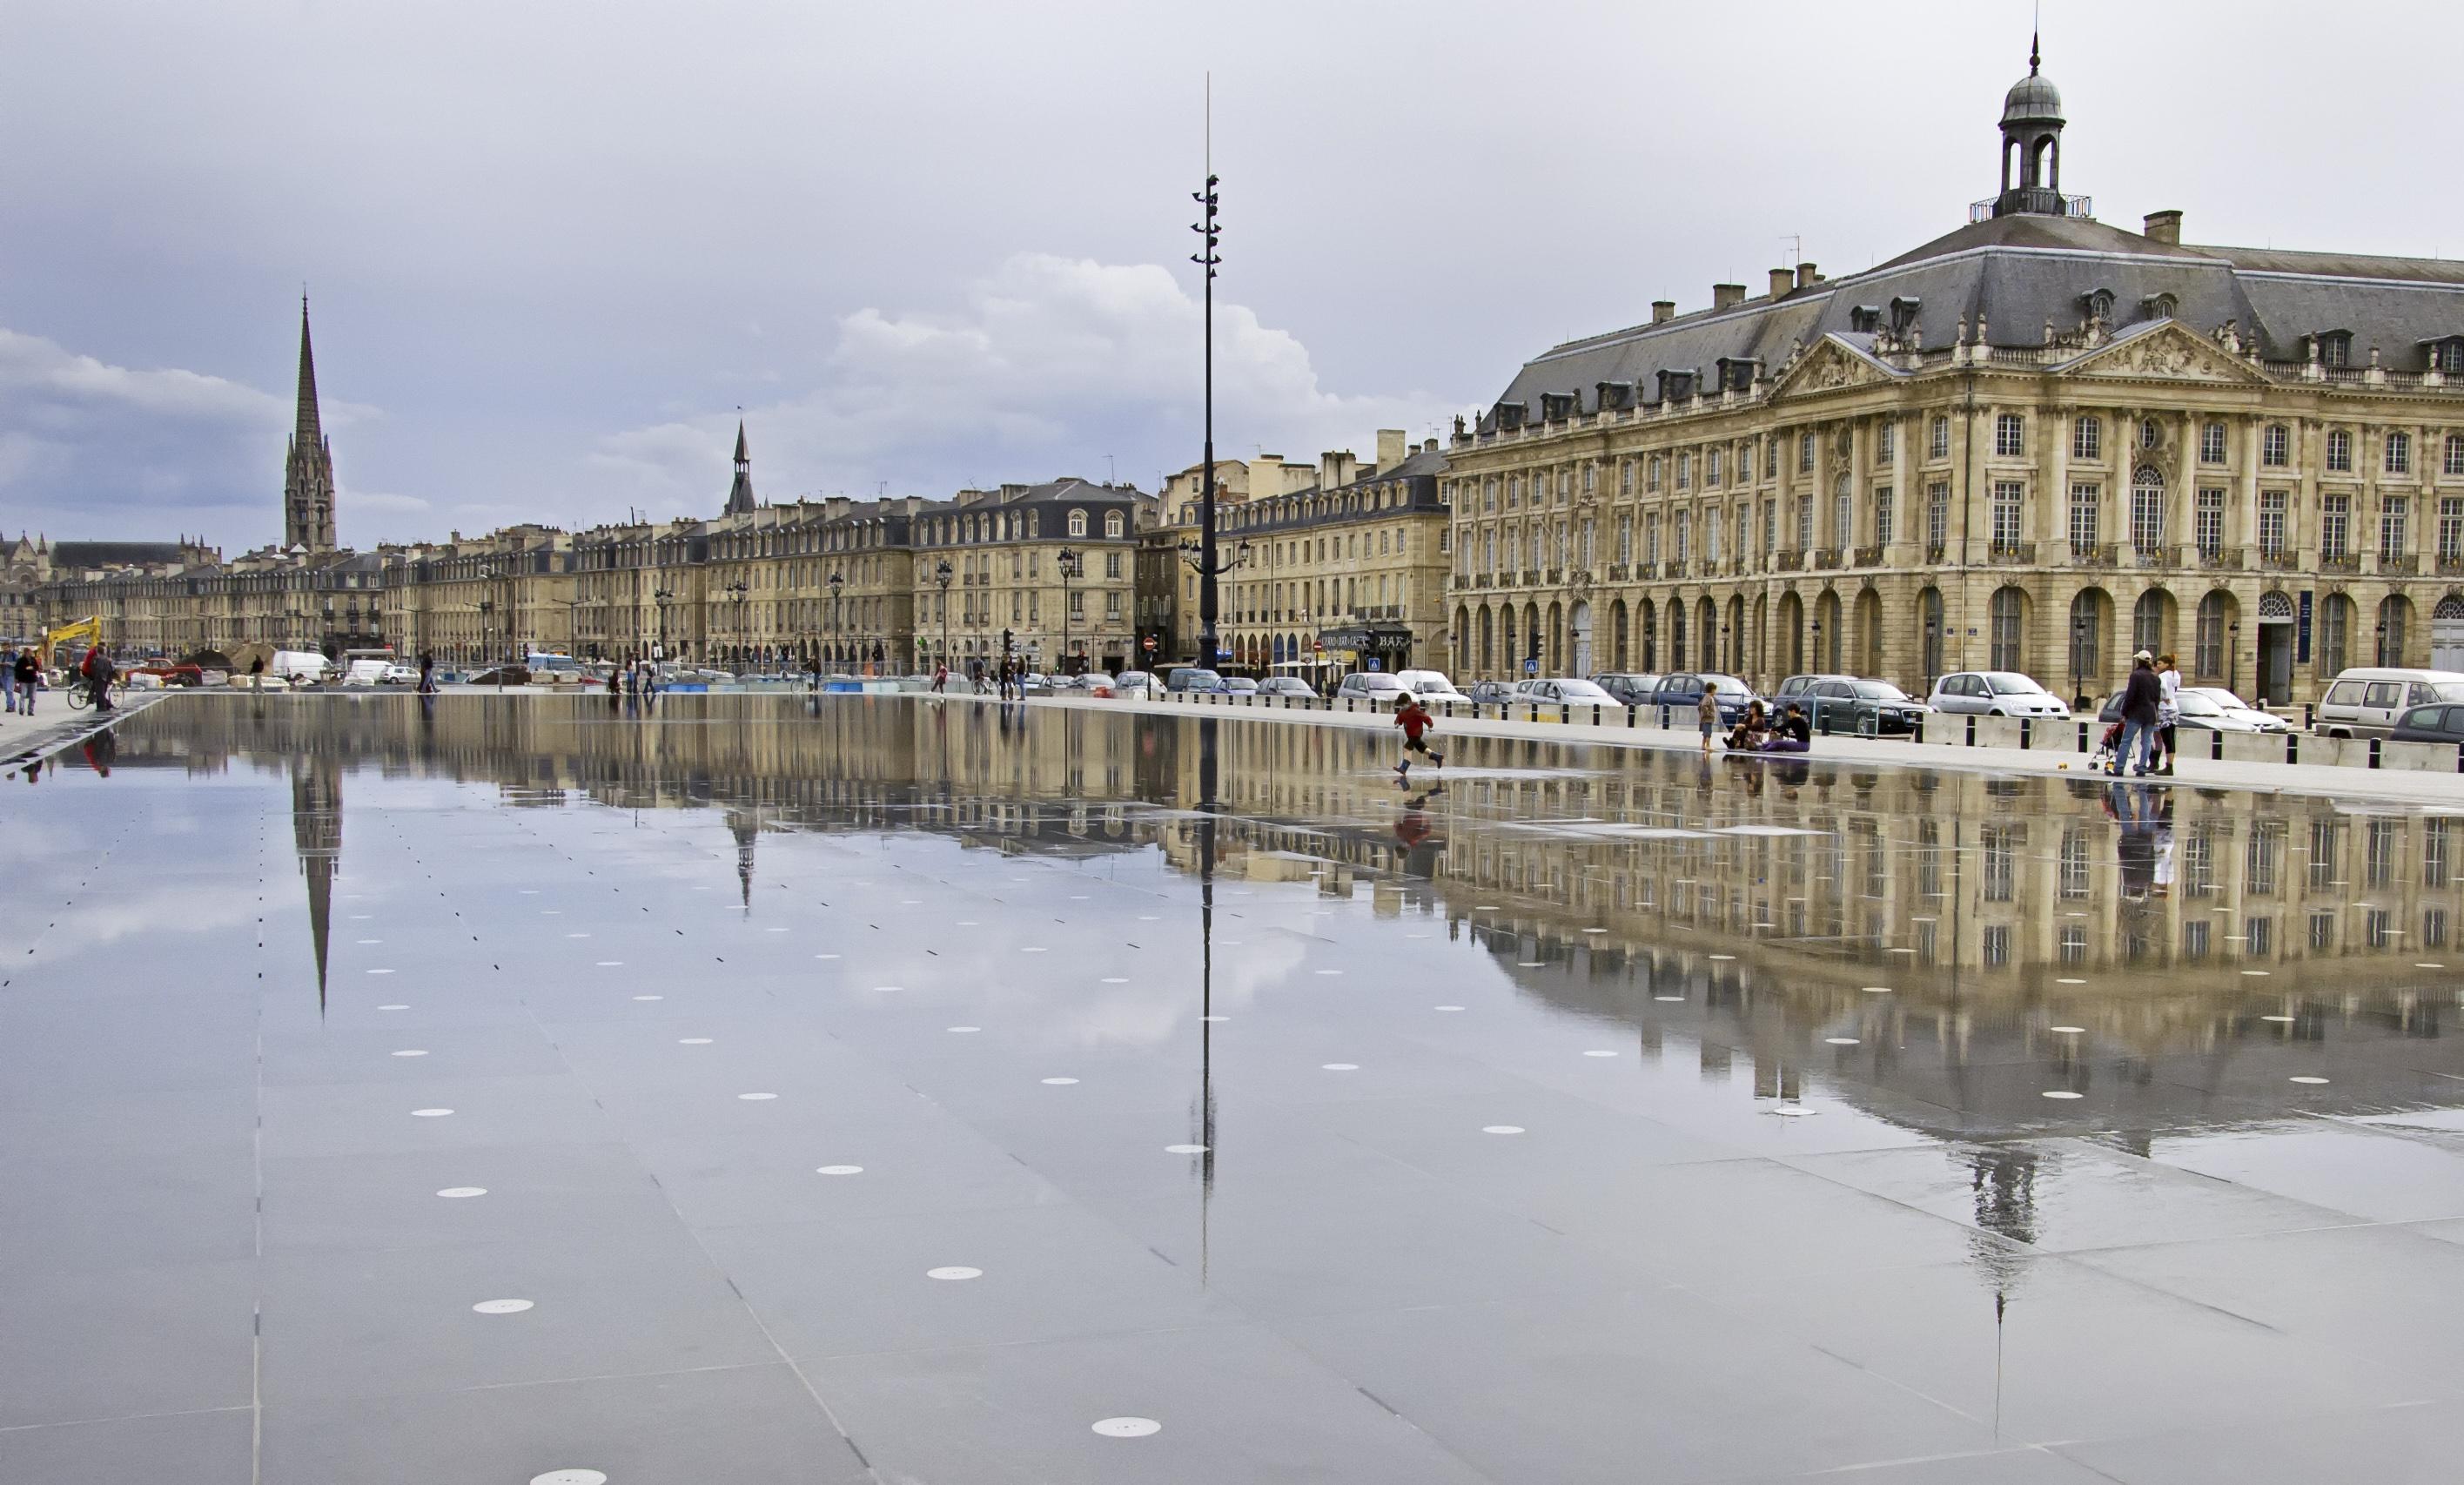 Бордо - город архитектуры и вина